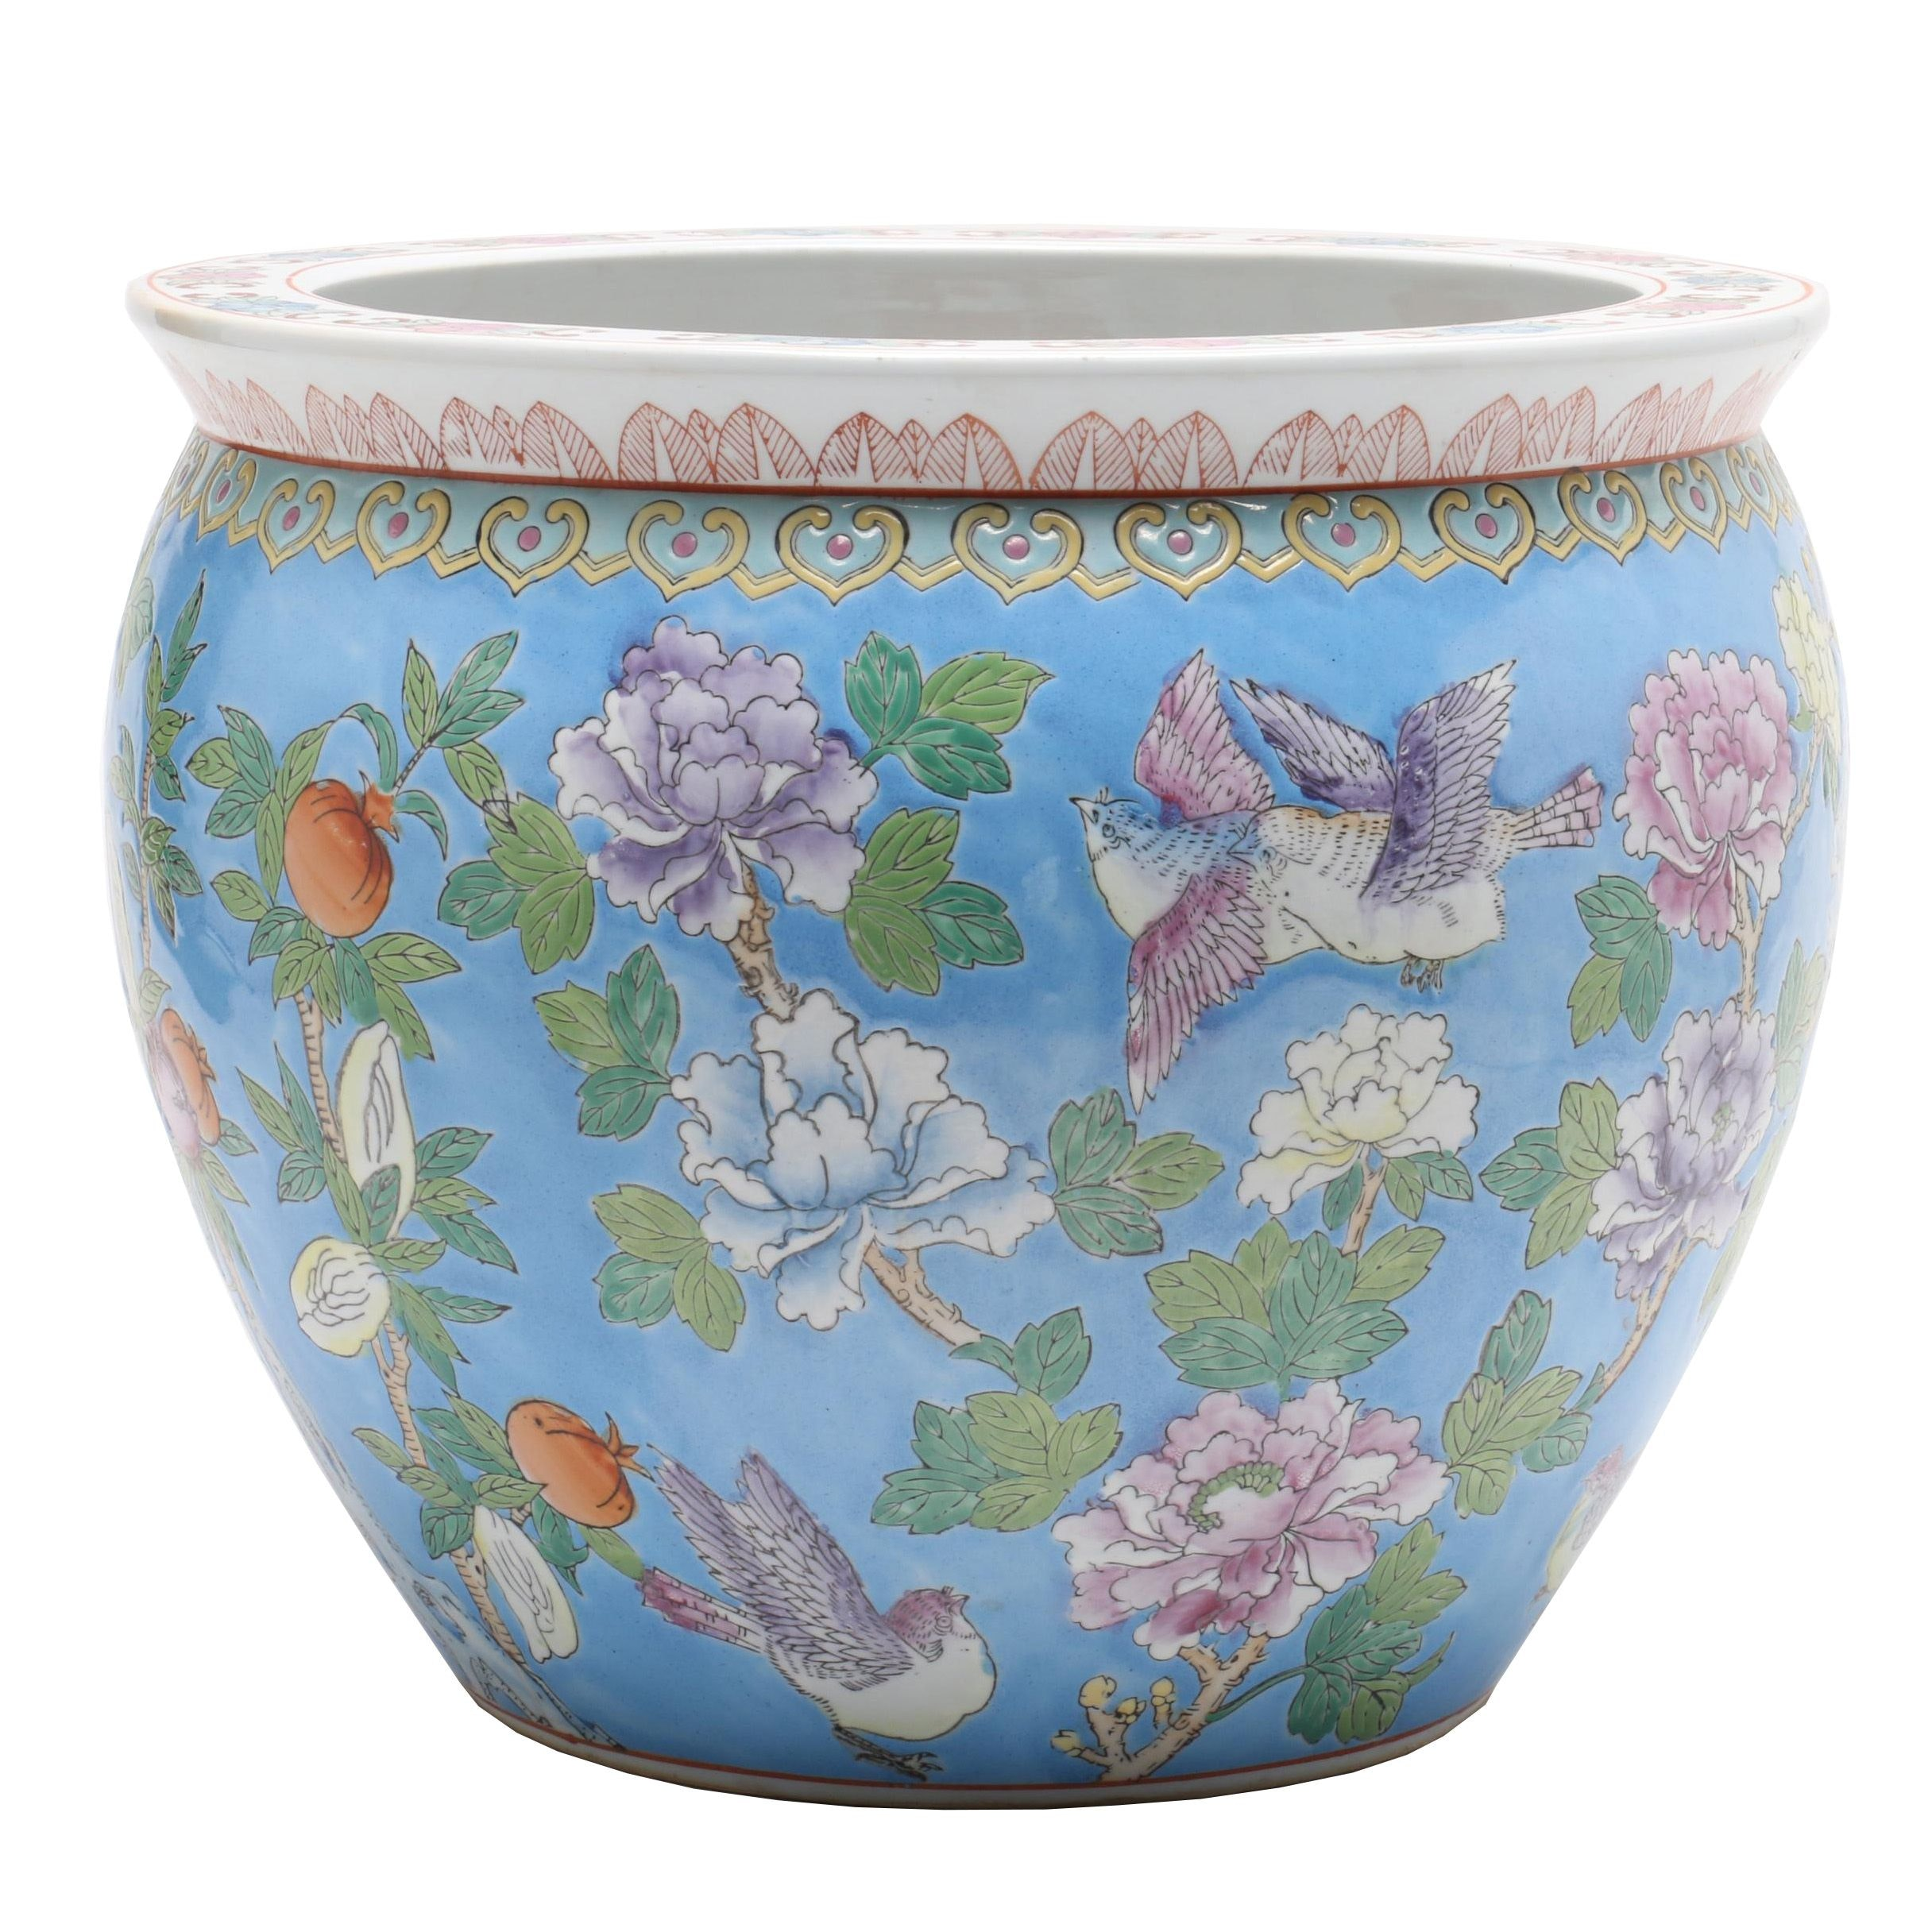 Chinese Ceramic Fishbowl Planter, late 20th Century